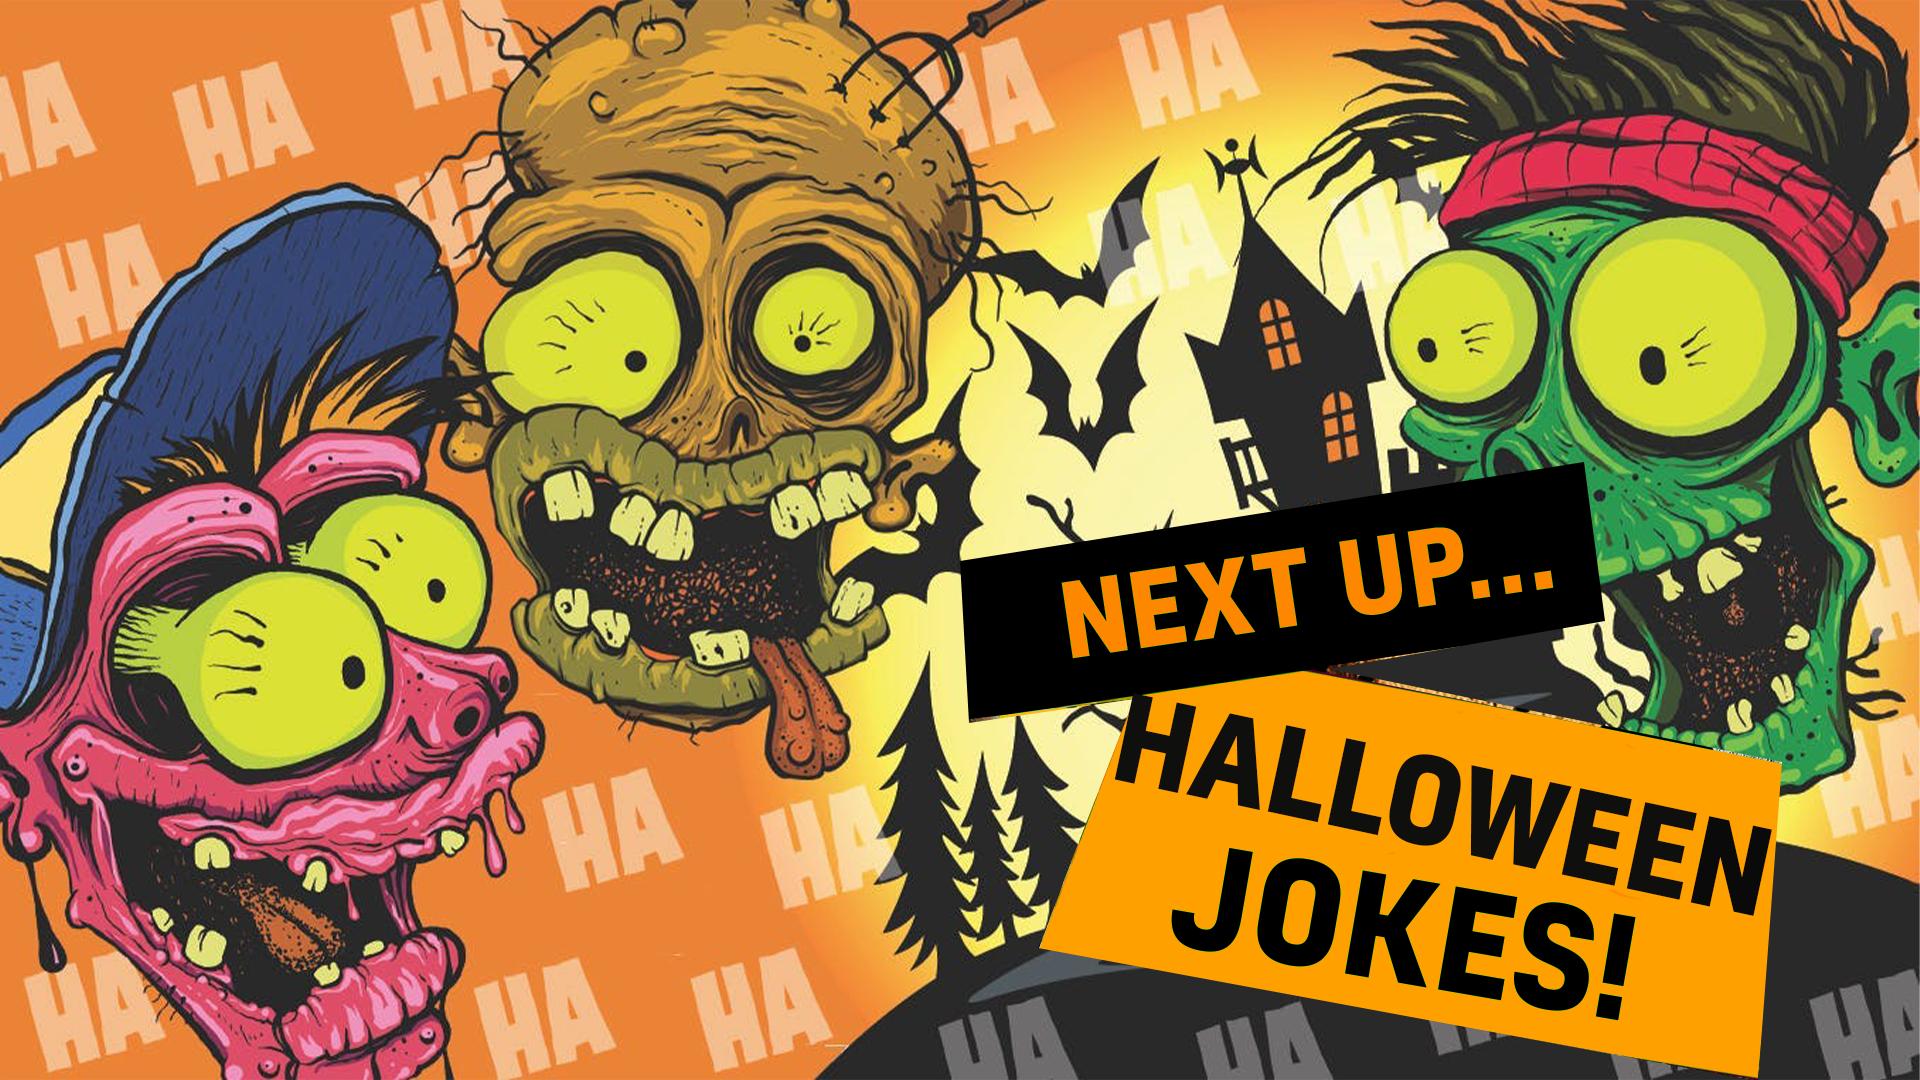 Next up halloween jokes